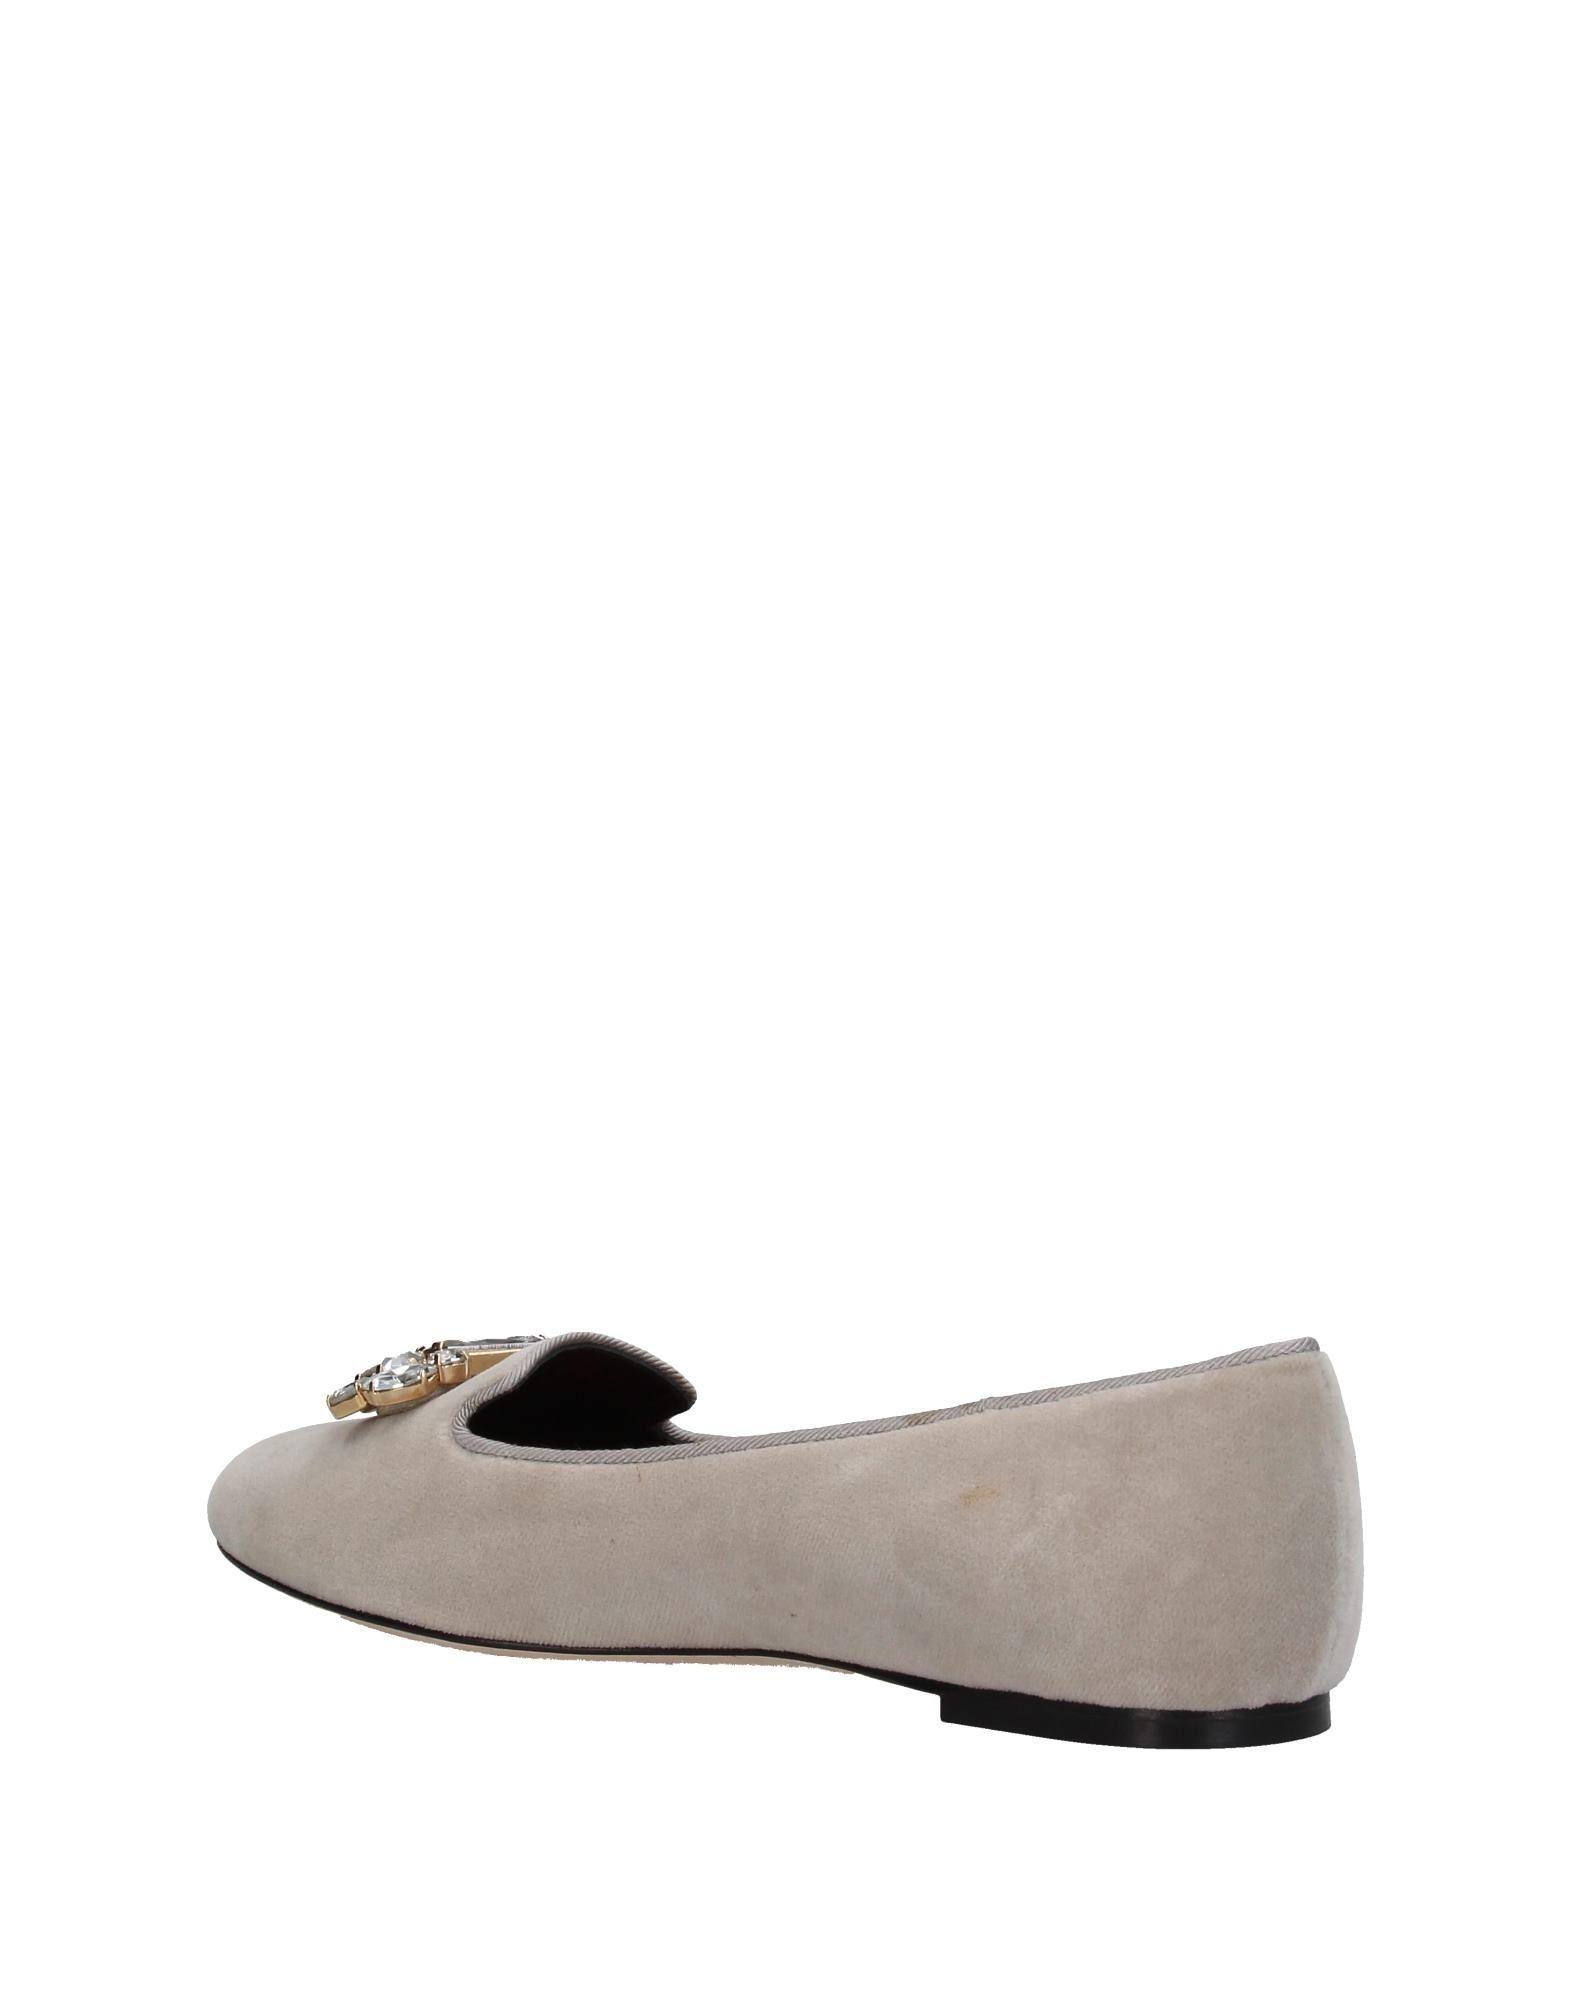 Dolce & Gabbana Mokassins Neue Damen  11405936TE Neue Mokassins Schuhe a60a7b